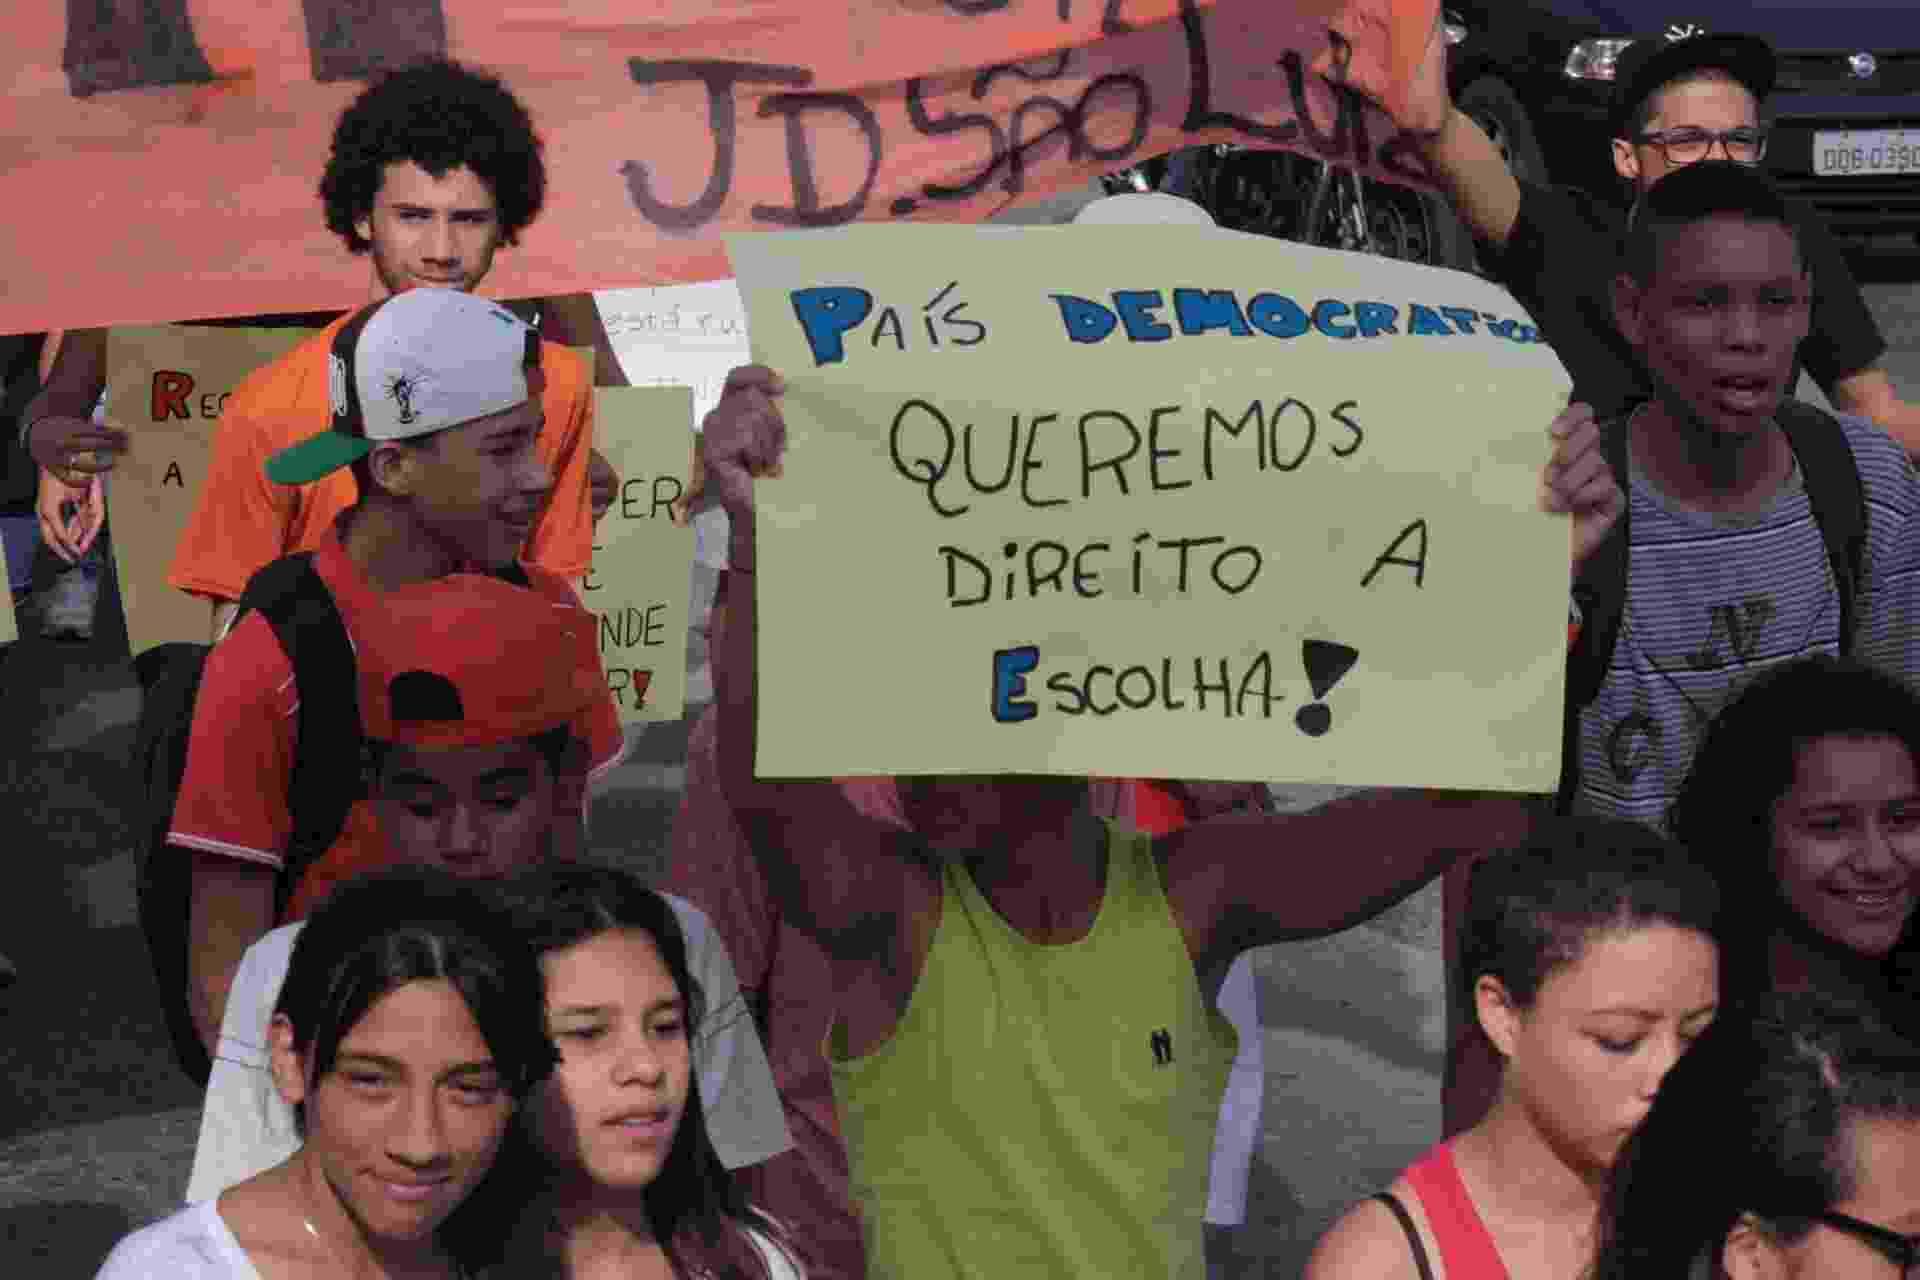 8.out.2015 - Alunos da rede estadual de ensino protestam na manhã desta quinta-feira (8) na Estrada do M'Boi Mirim, zona sul de São Paulo,  contra a reorganização e fechamento de escolas em 2016 - Luiz Claúdio Barbosa/Código19/Estadão Conteúdo